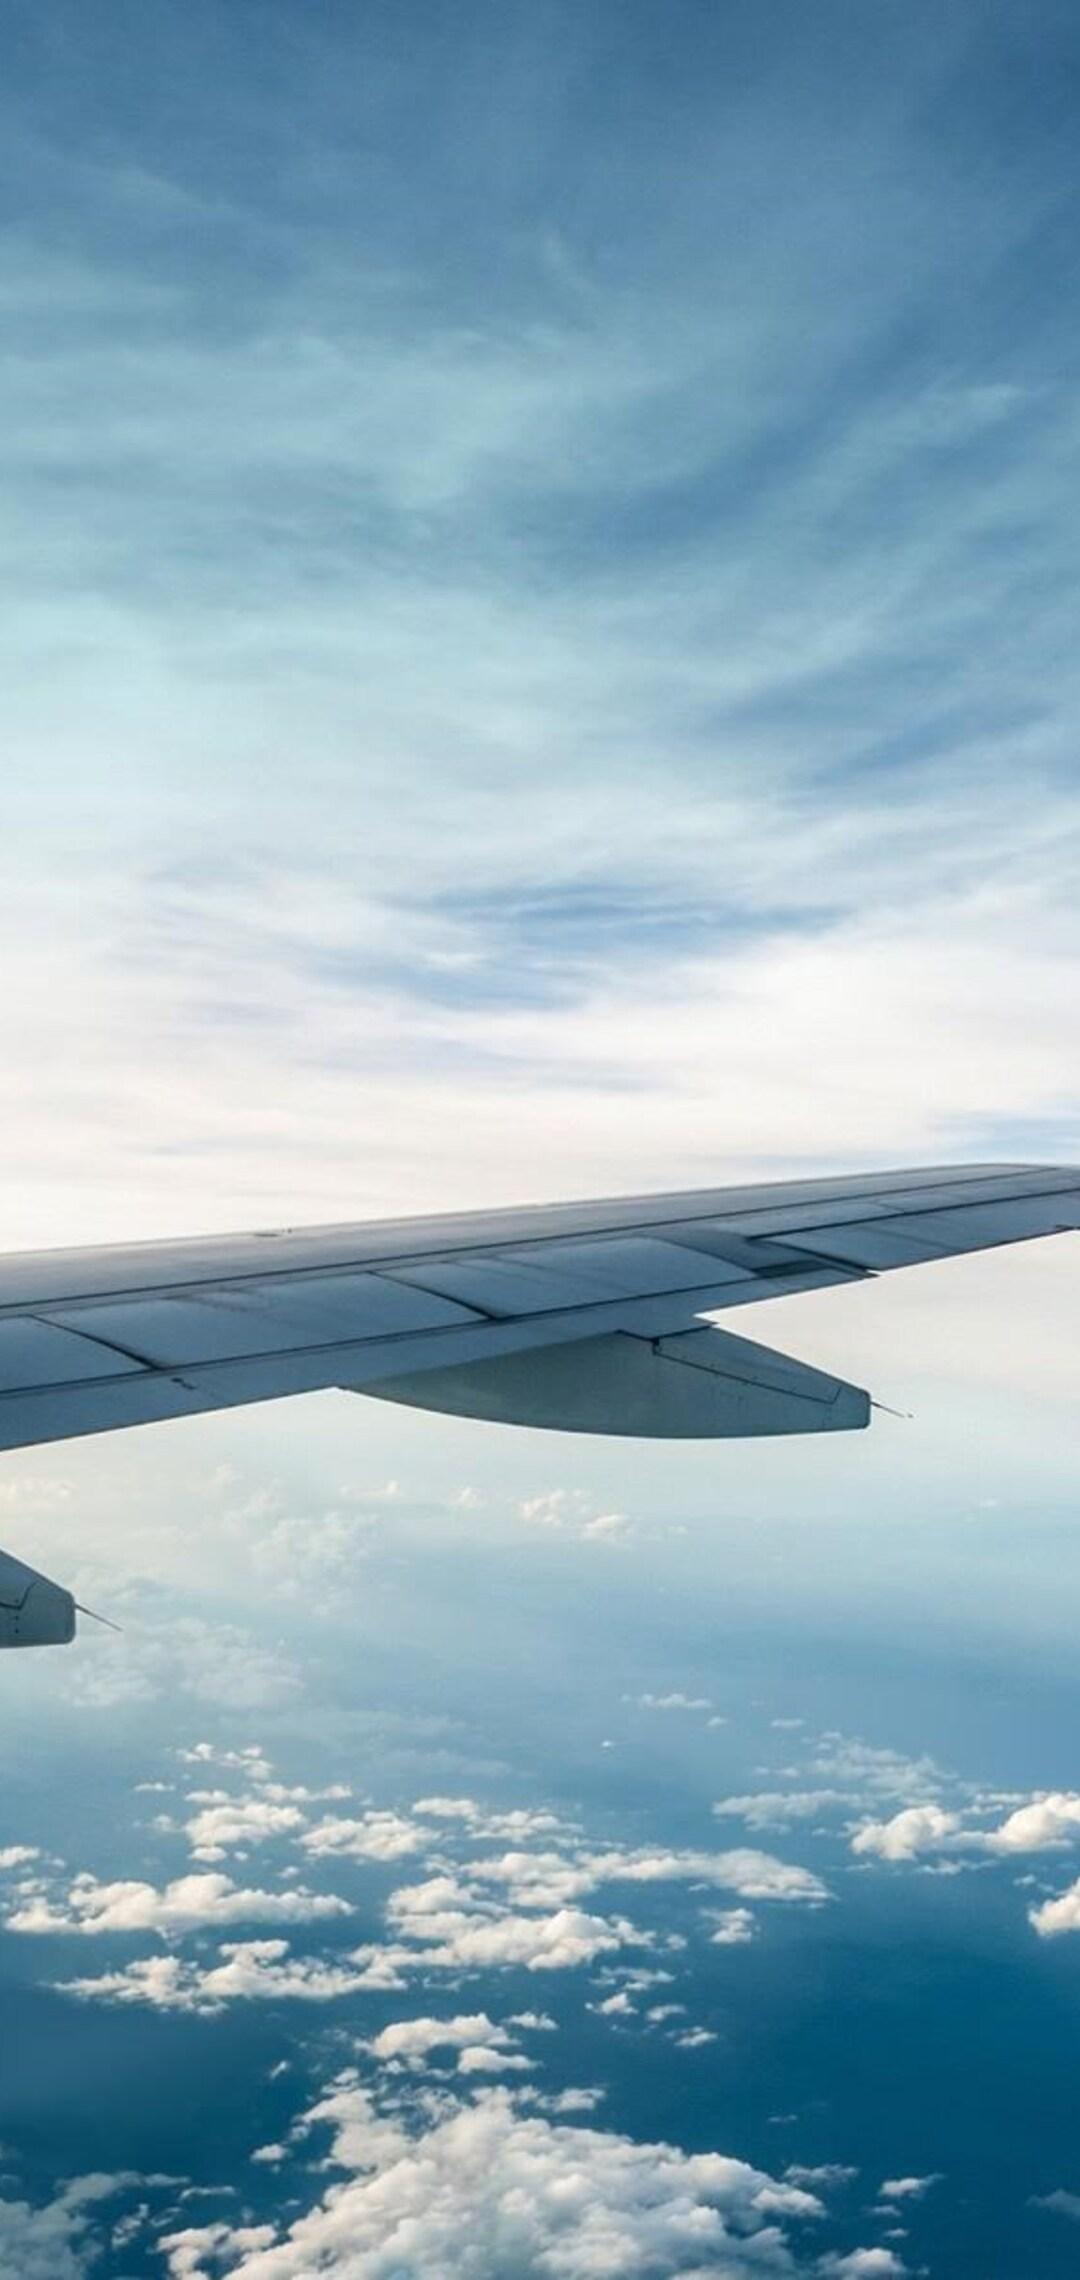 1080x2280 Airplane Wings One Plus 6 Huawei P20 Honor View 10 Vivo